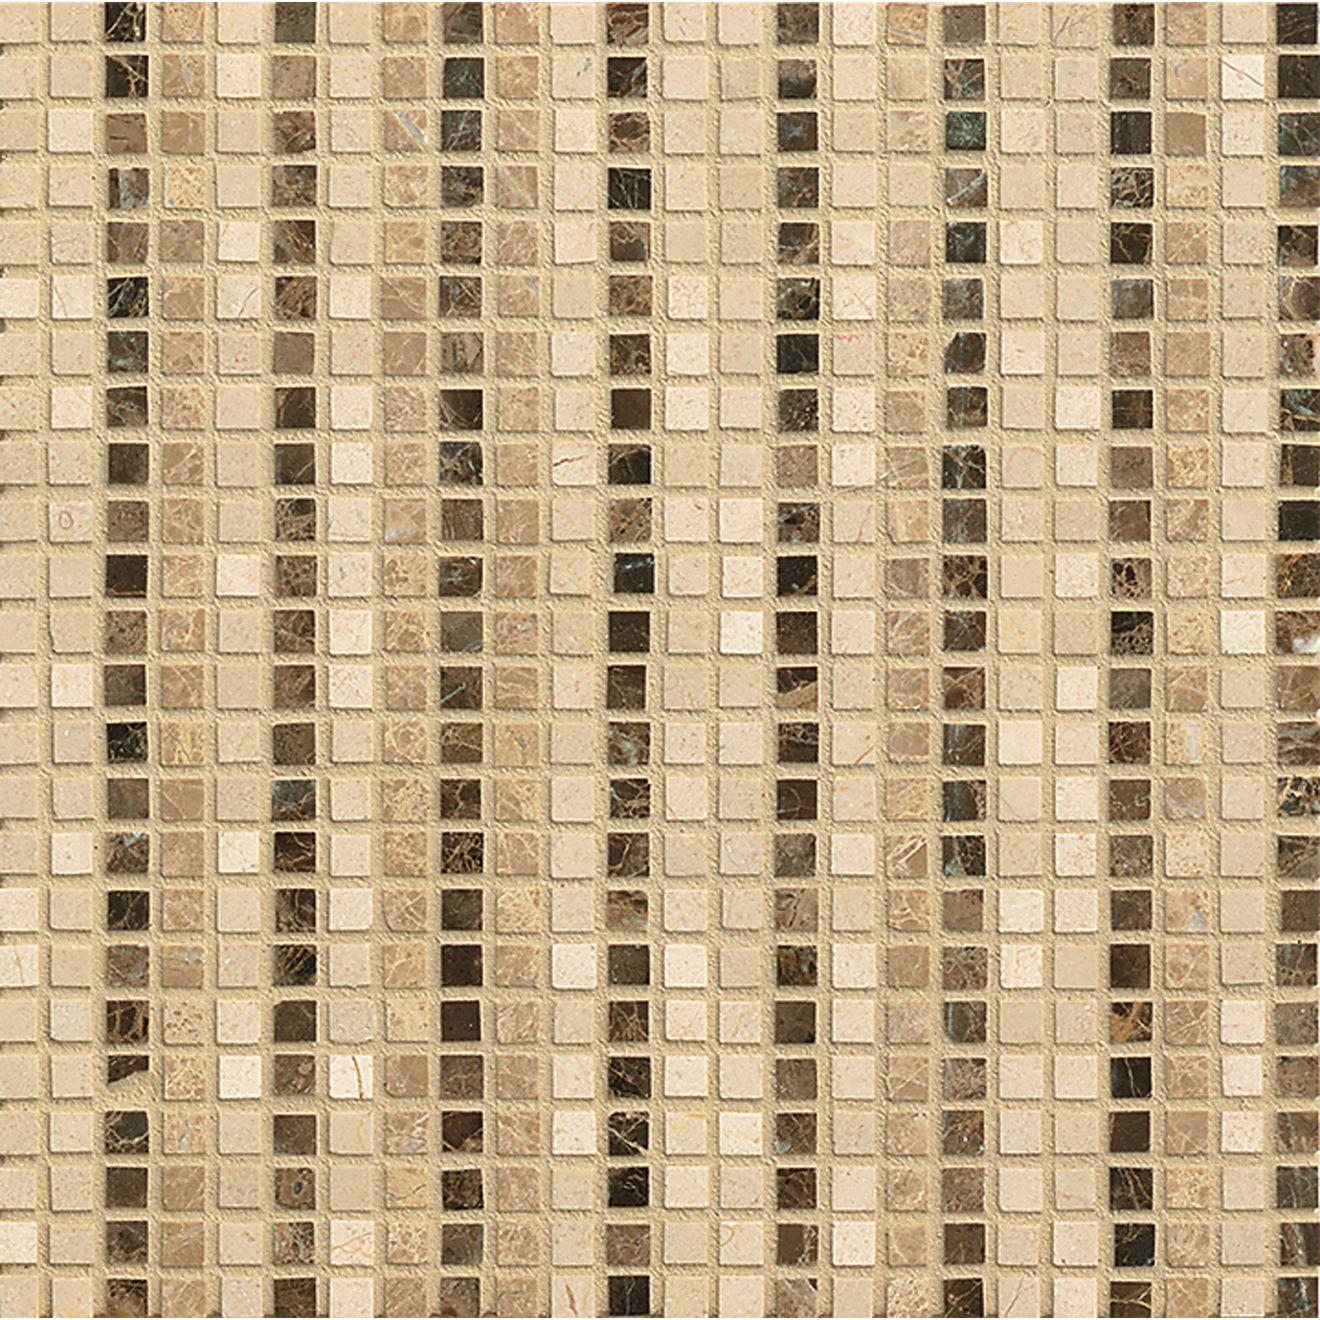 """Menage et Trois 3/8"""" x 3/8"""" Floor & Wall Mosaic in Espresso, Heirloom, Viburnum"""